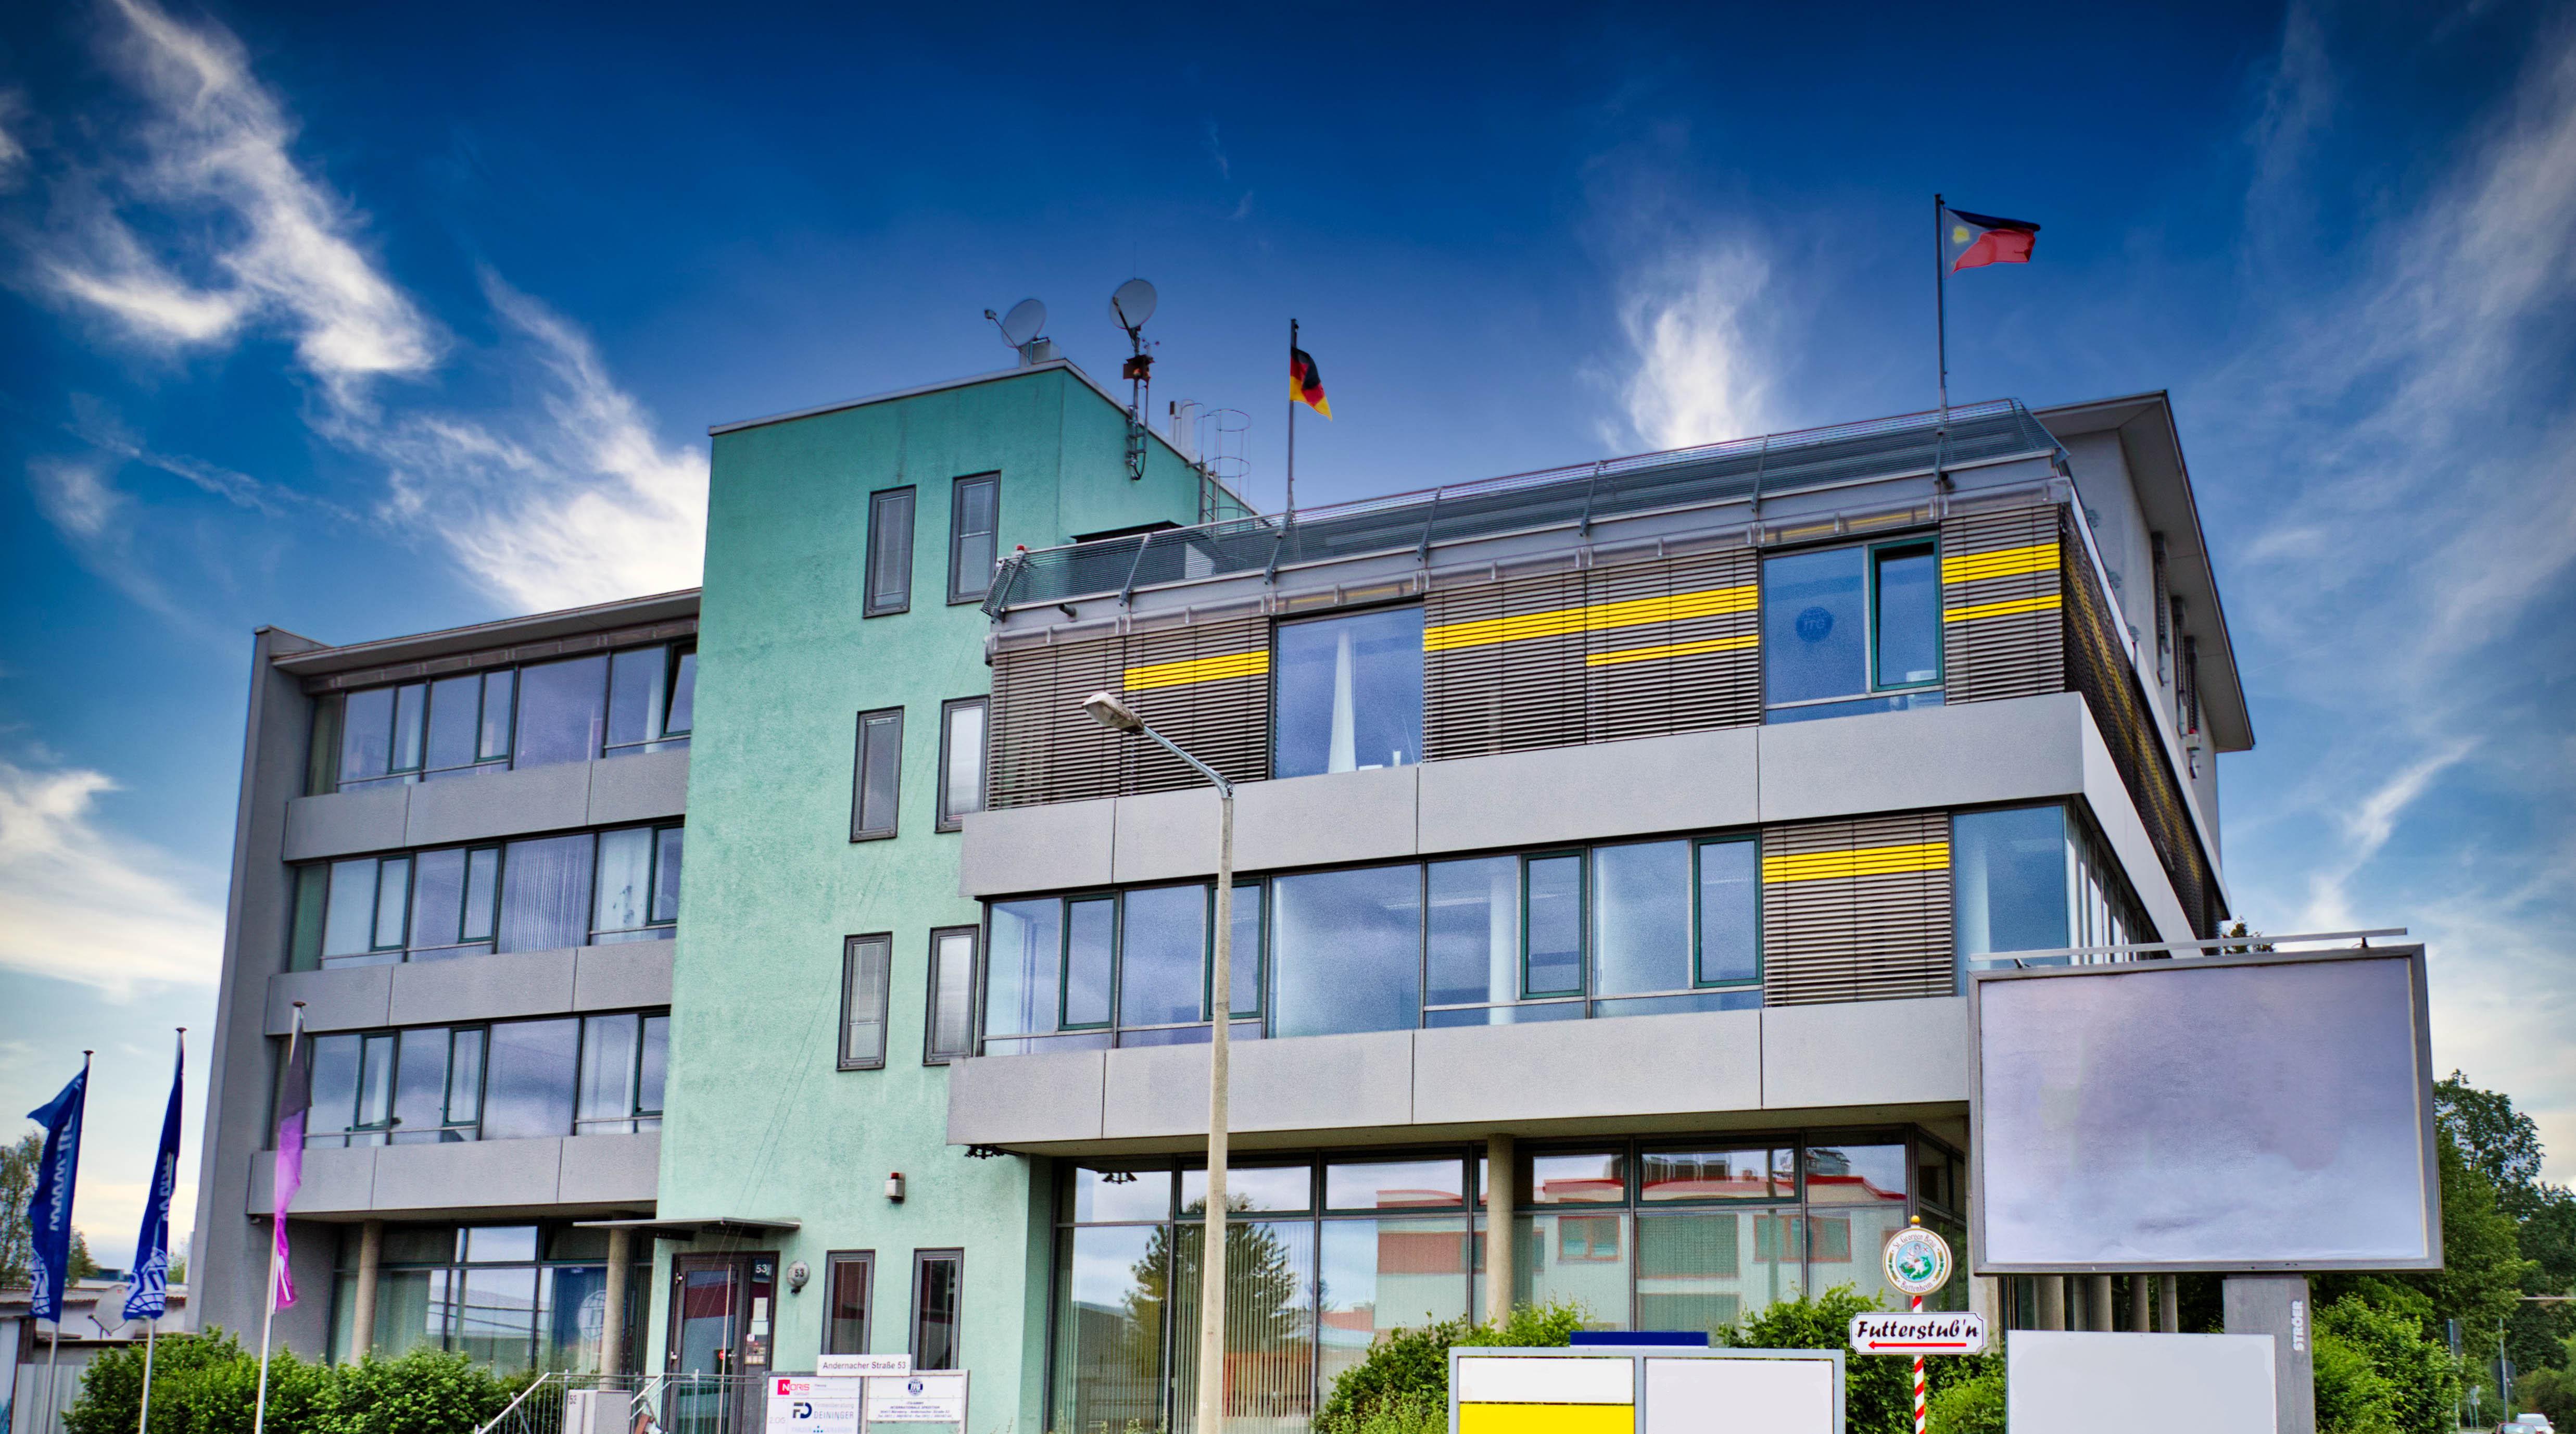 Bürogebäude von außen